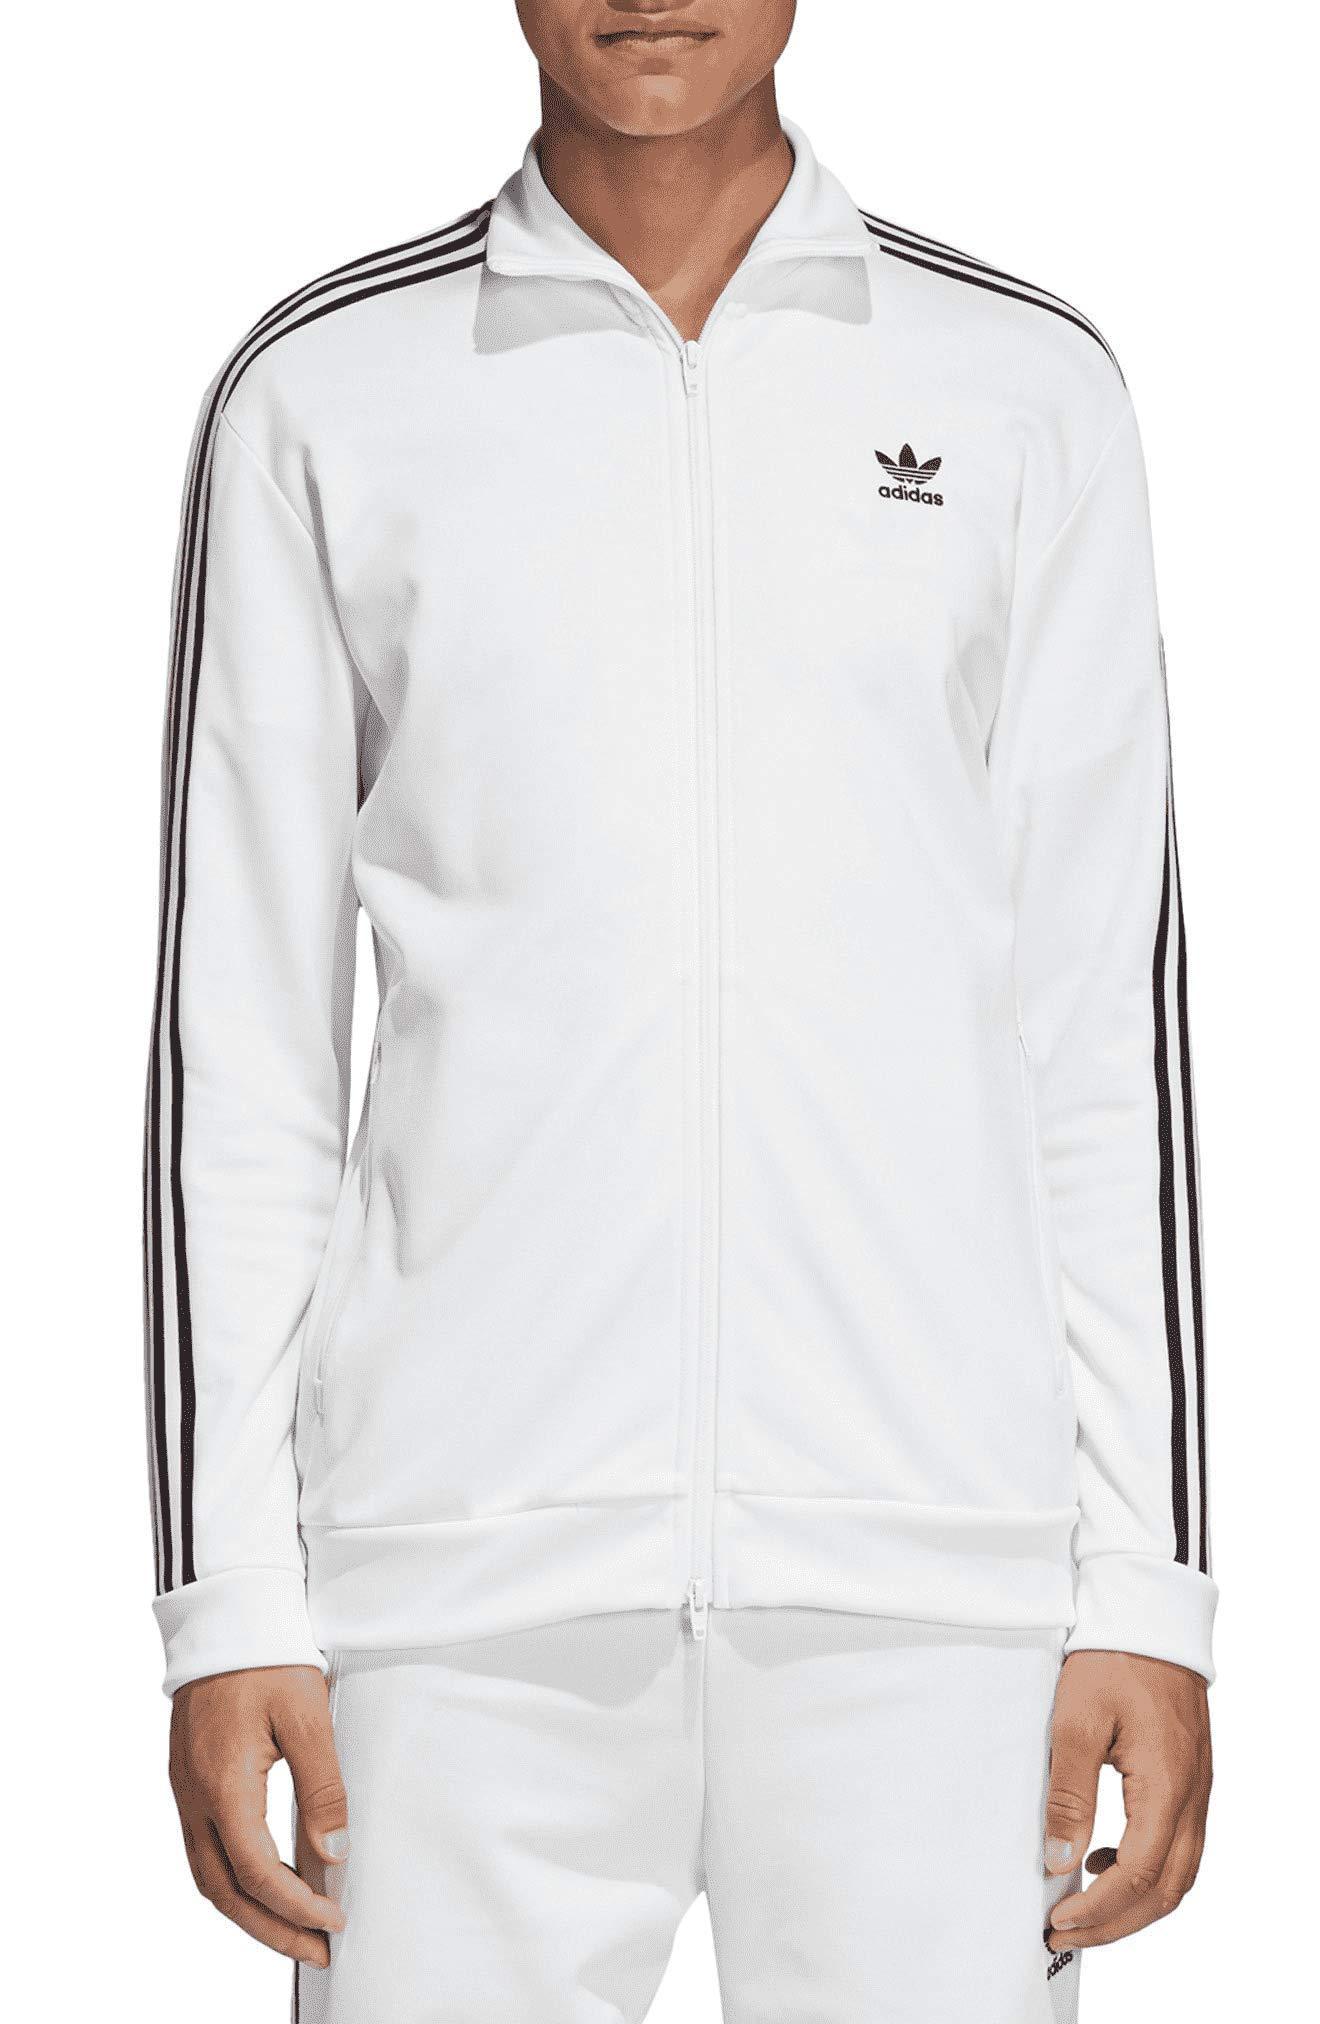 adidas Originals Men's Franz Beckenbauer Track Top White Small by adidas Originals